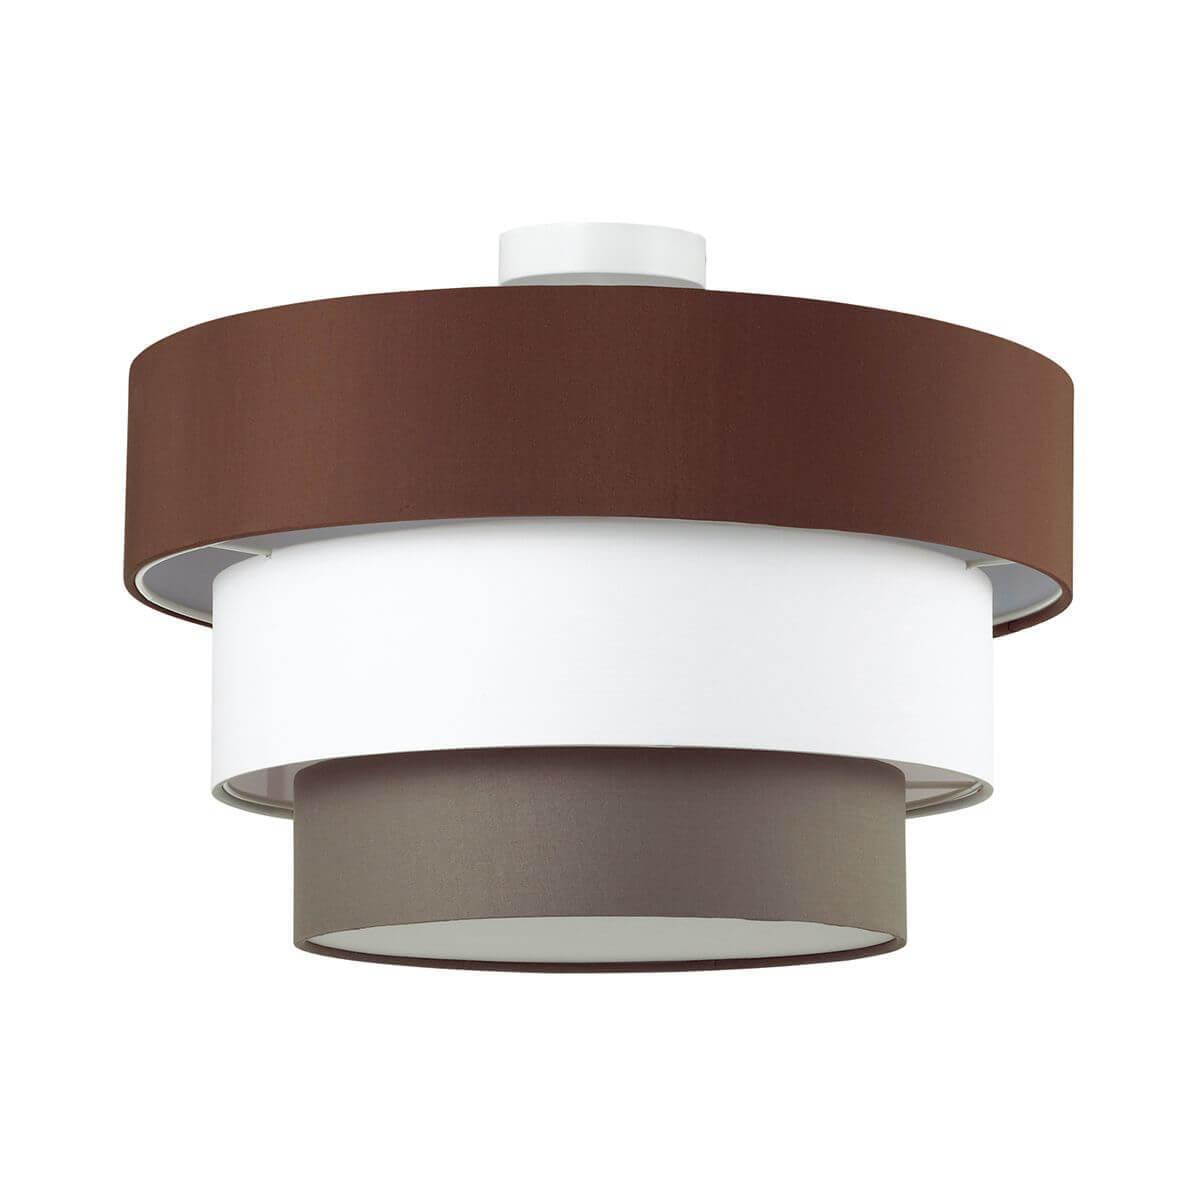 Потолочный светильник Lumion 3789/3C, E14, 60 Вт потолочный светильник lumion 4415 3c